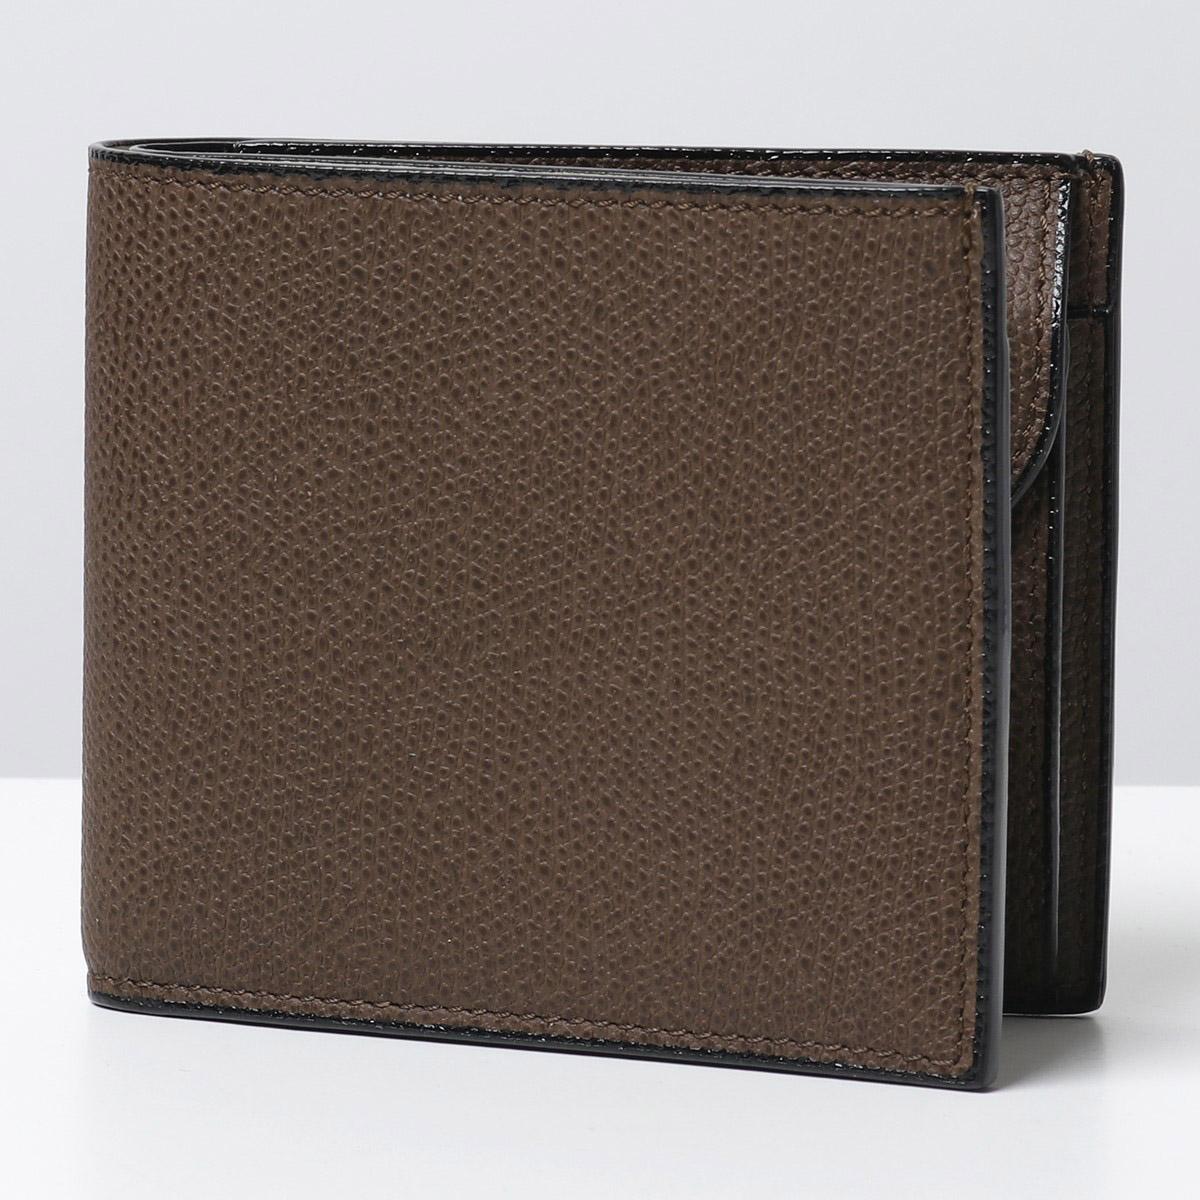 グッドプライス Valextra ヴァレクストラ V8L23 028 レザー 二つ折り財布 人気の定番 小銭入れ付き 税込 メンズ MNO ダークブラウン